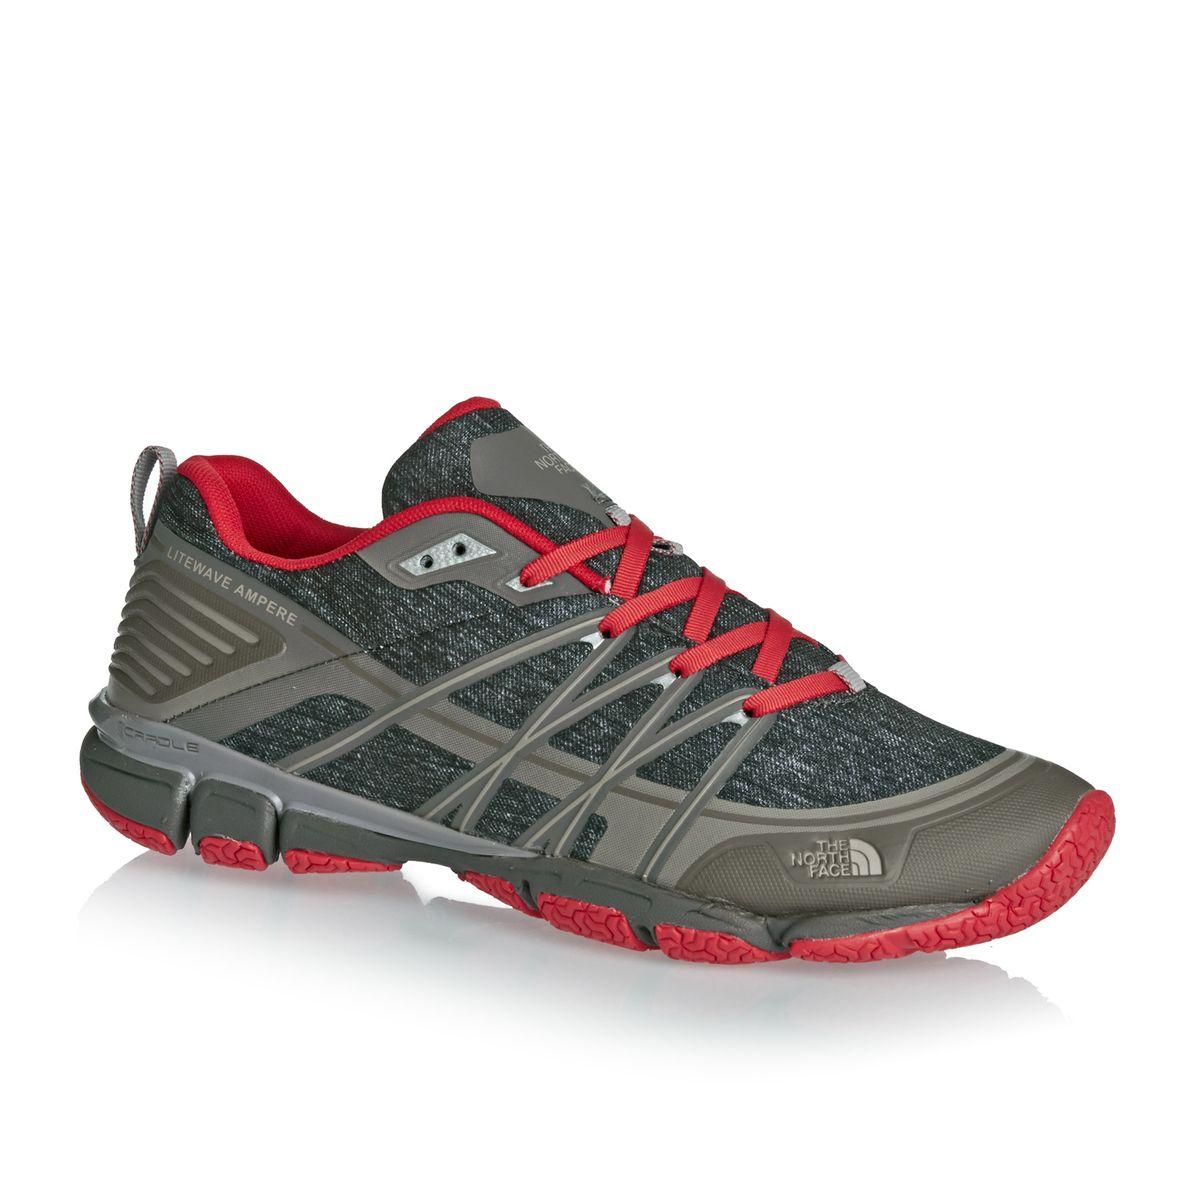 THE NORTH FACE -Litewave ampér, topánky ženy 37.